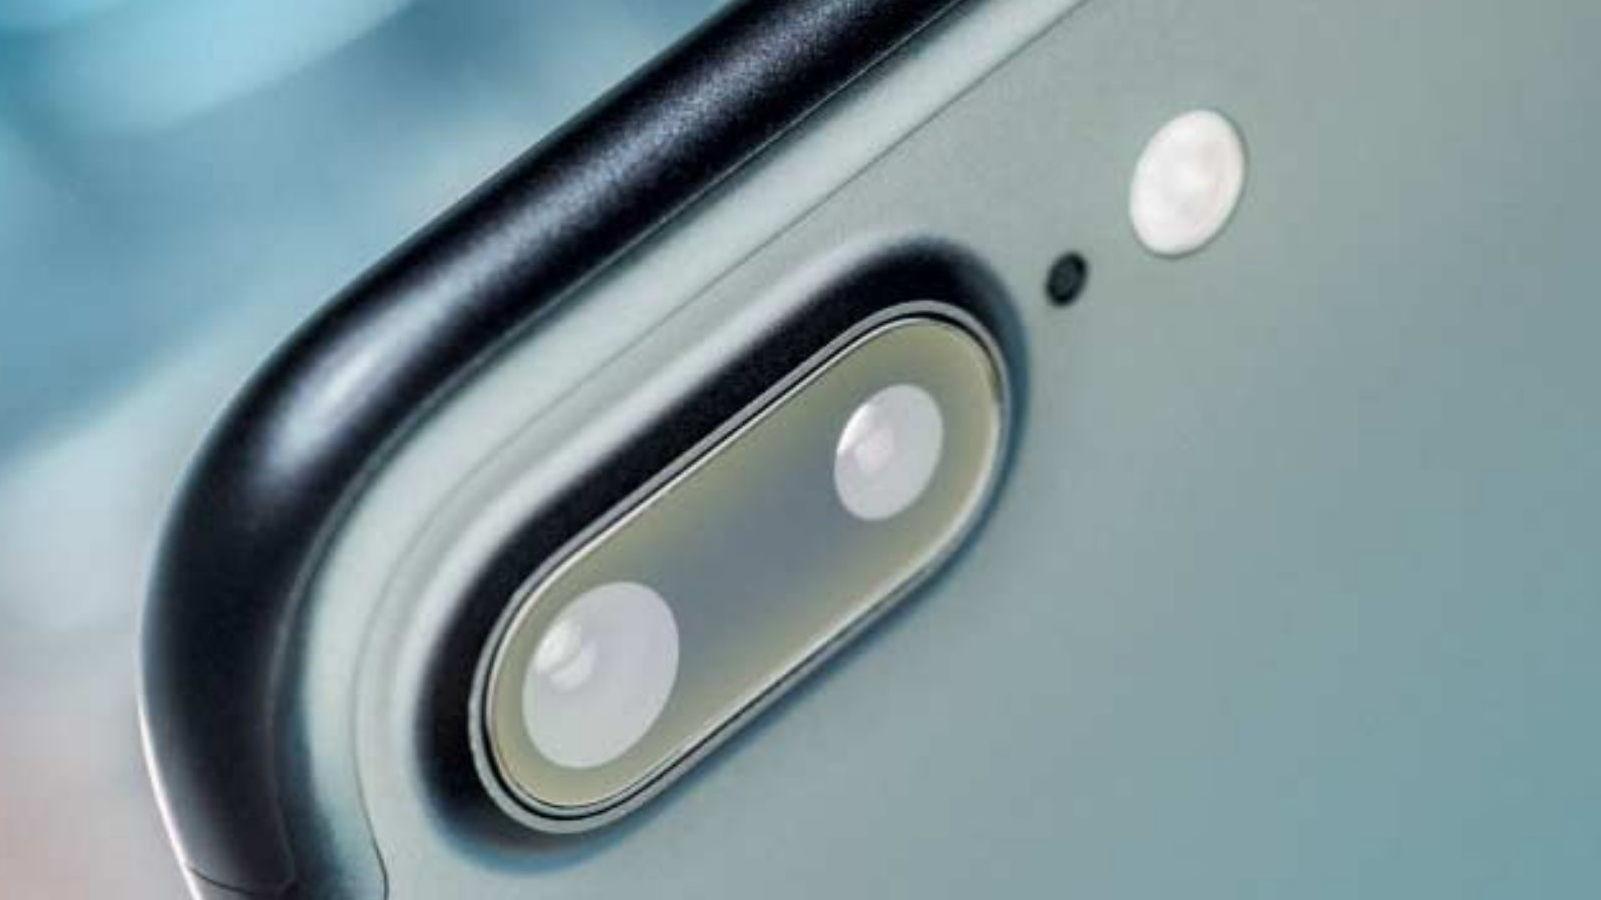 dual kamera smartphones das tele arbeitet nur bei gutem licht heise online. Black Bedroom Furniture Sets. Home Design Ideas